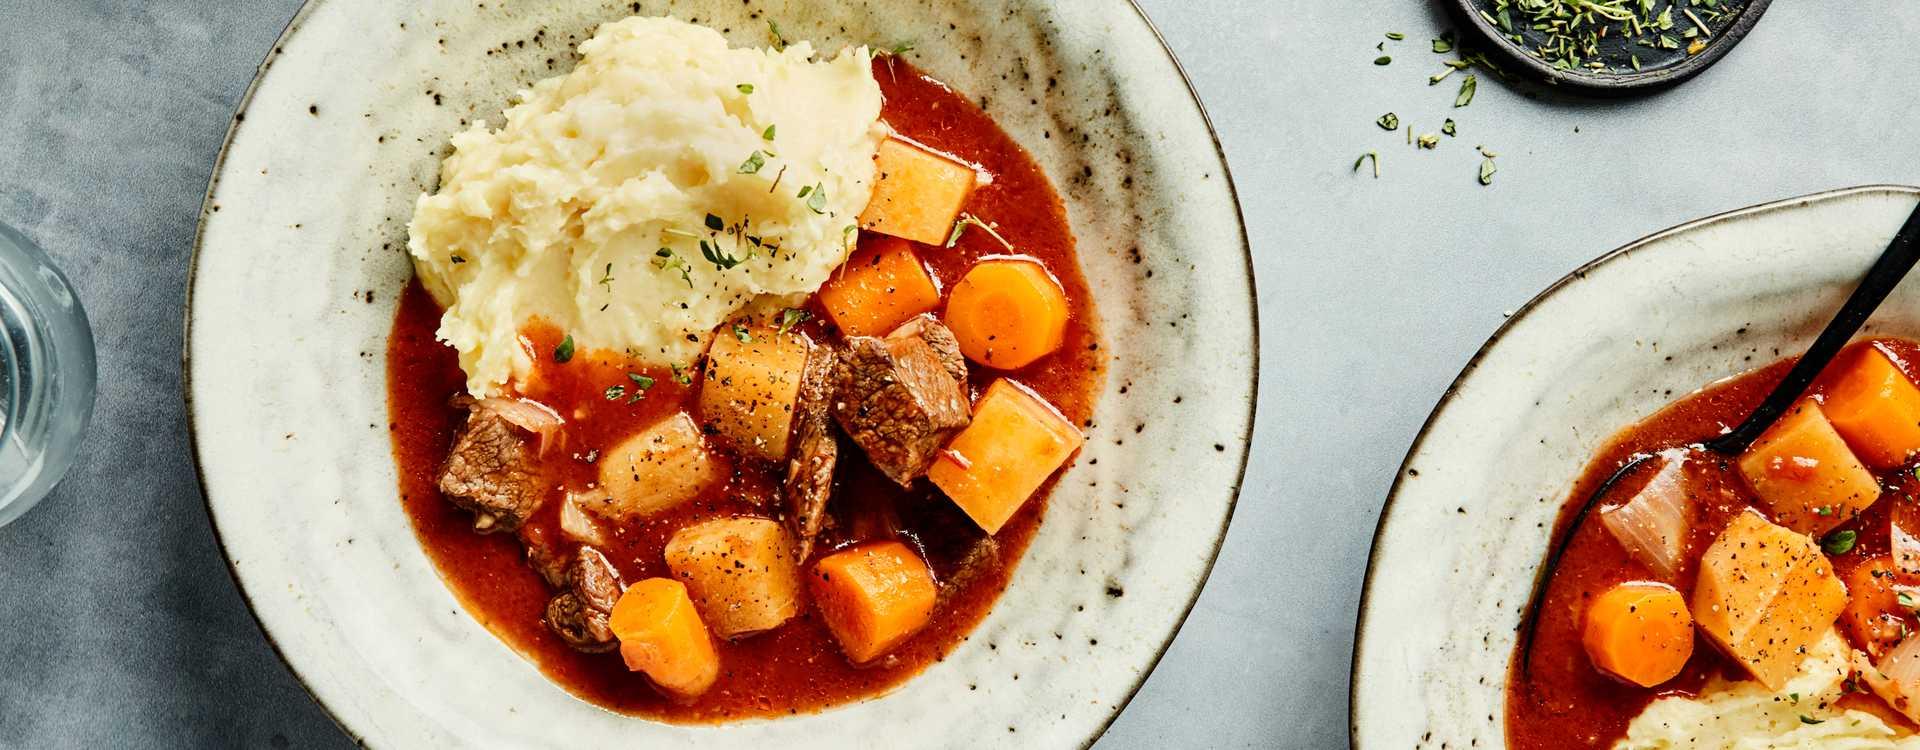 Biffgryte med kålrot, gulrot, fennikel & potet- og pastinakkmos